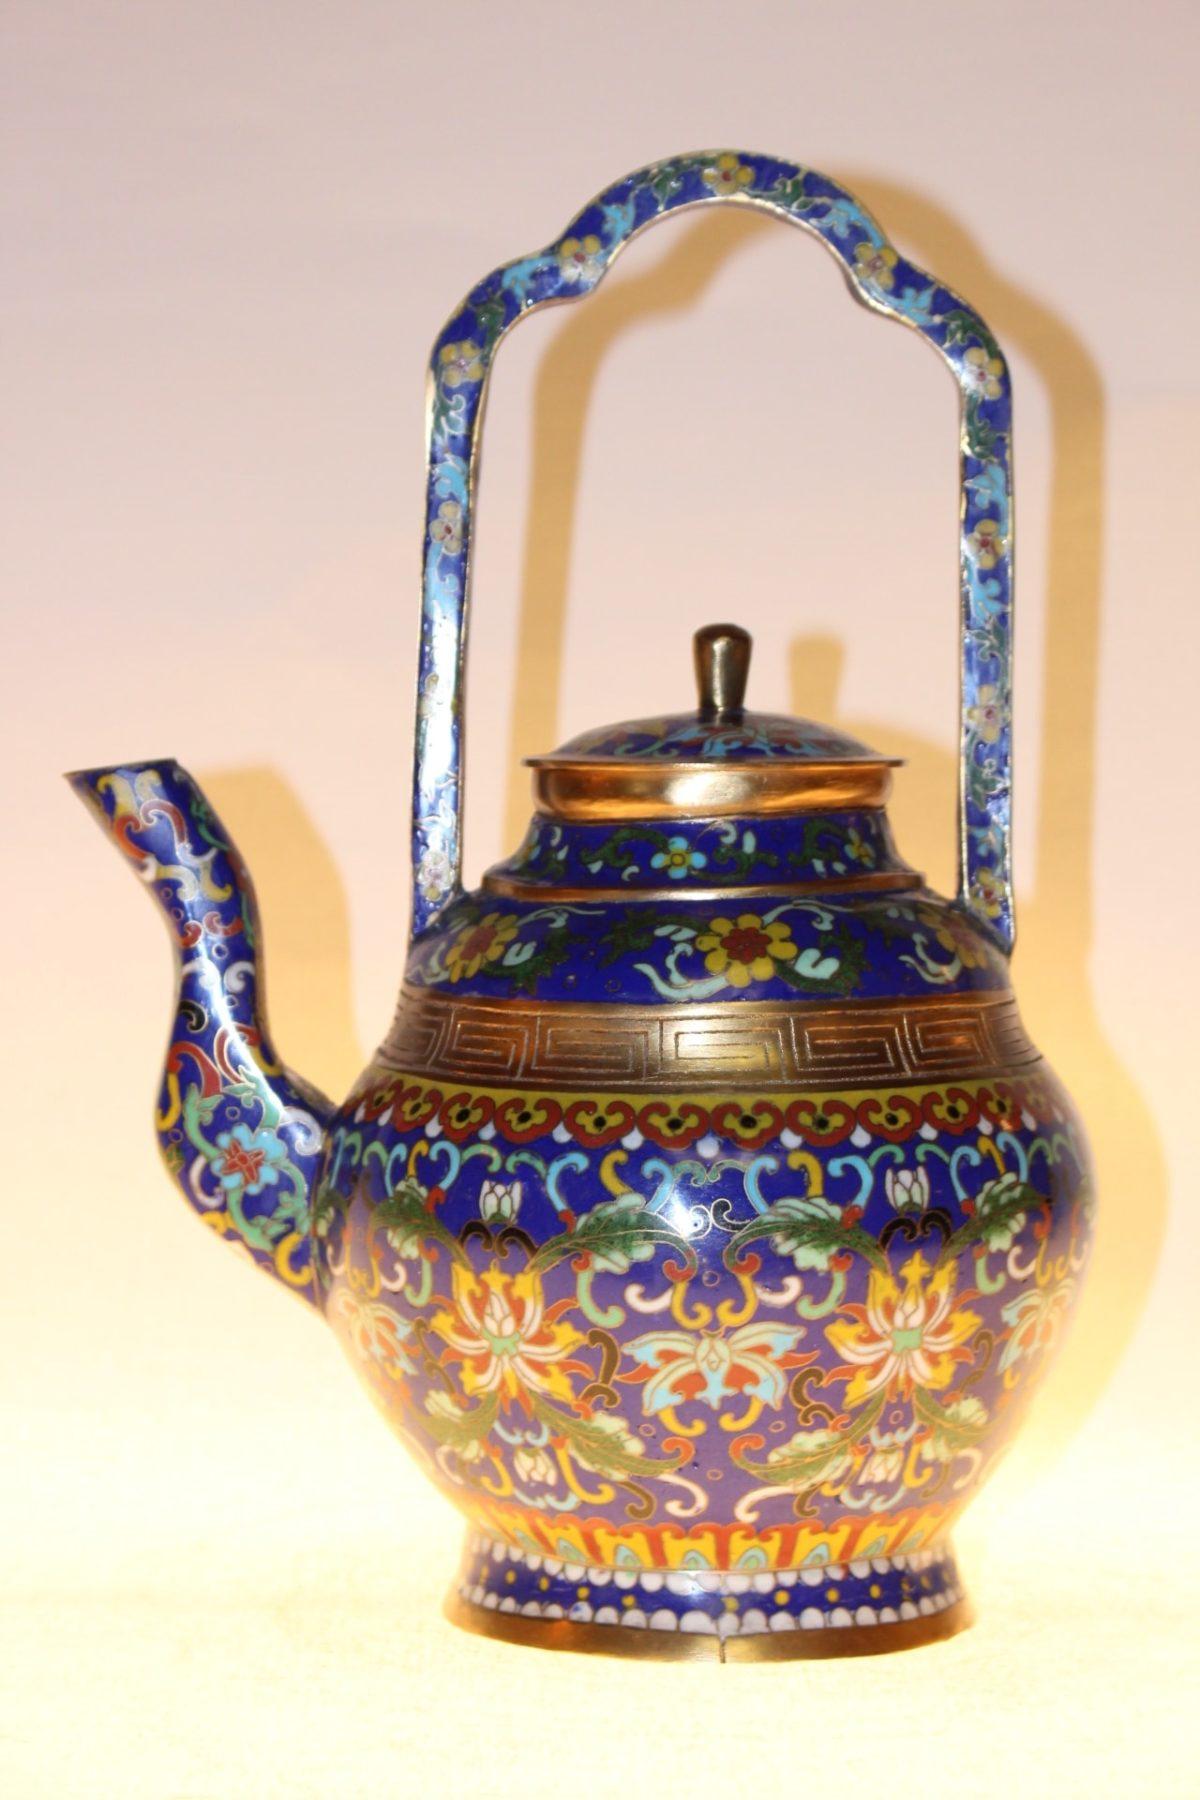 Chinesische Teekanne aus Cloisonné, ca. 75 Jahre alt, 30,5 x 22 x 17 cm